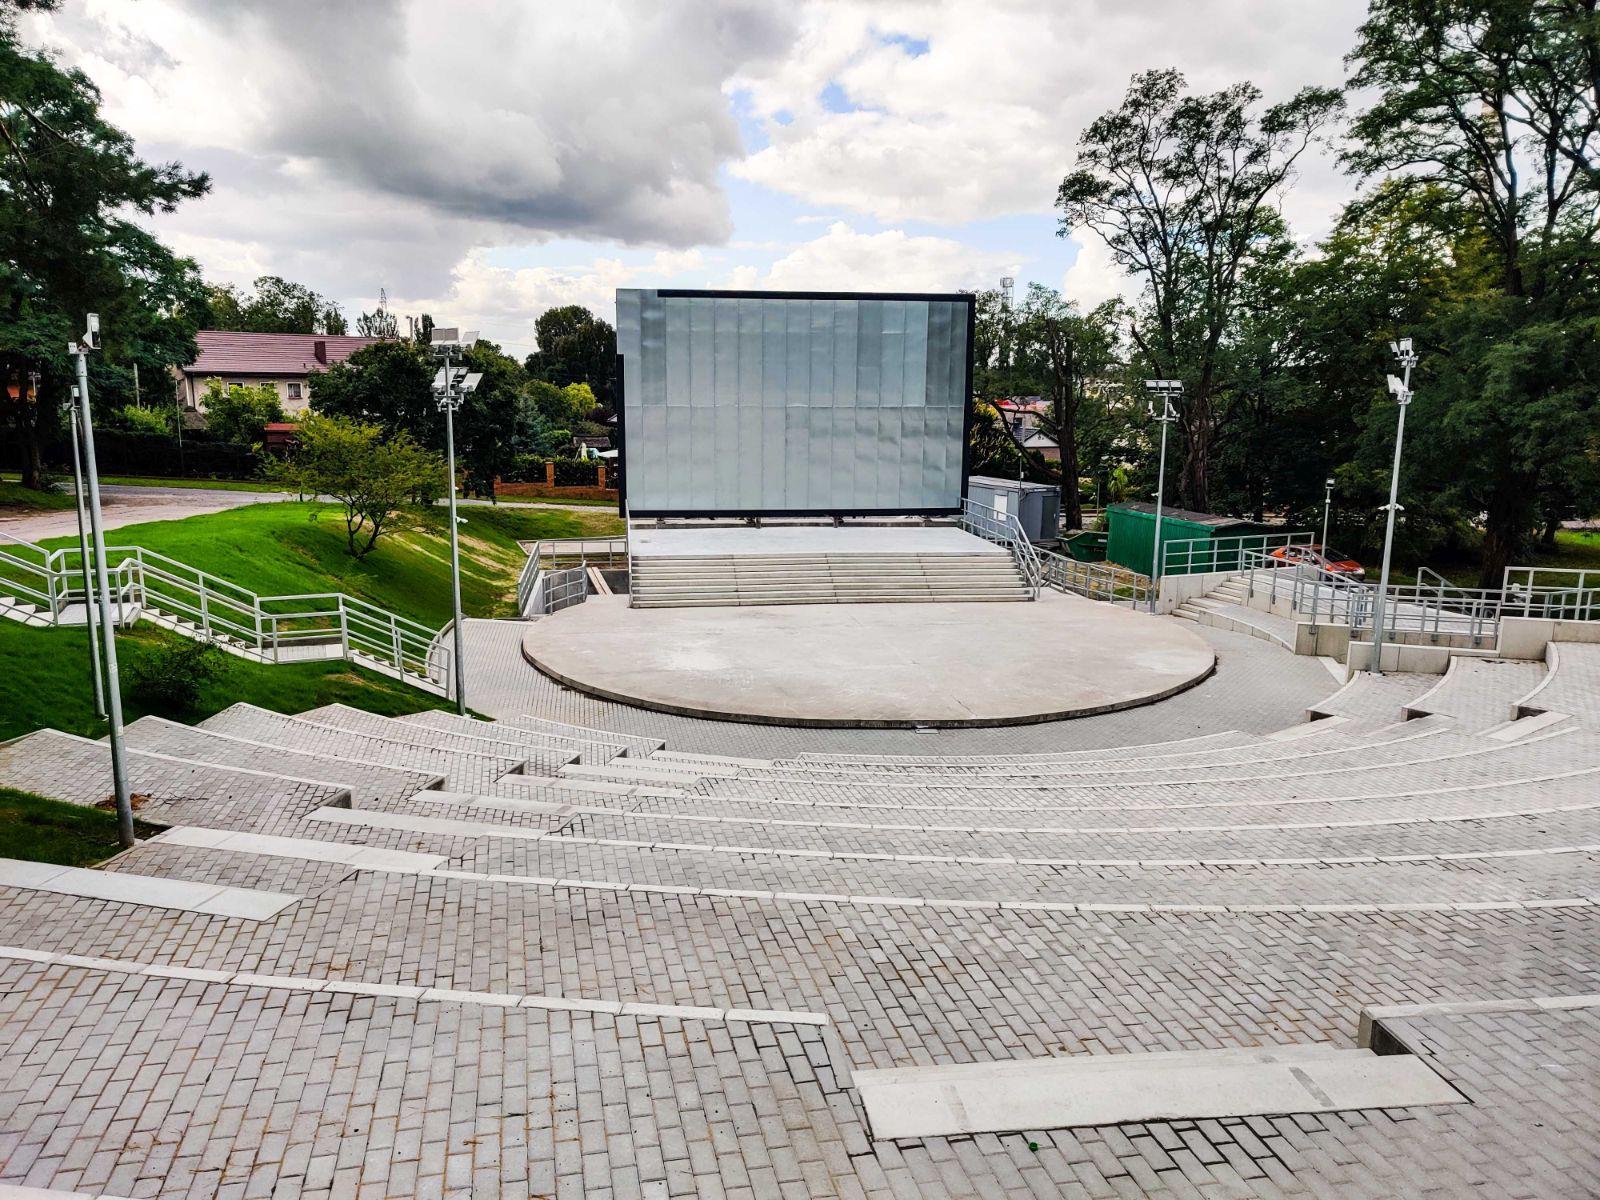 amfiteatr Żydowce postęp prac wrzesień 2020